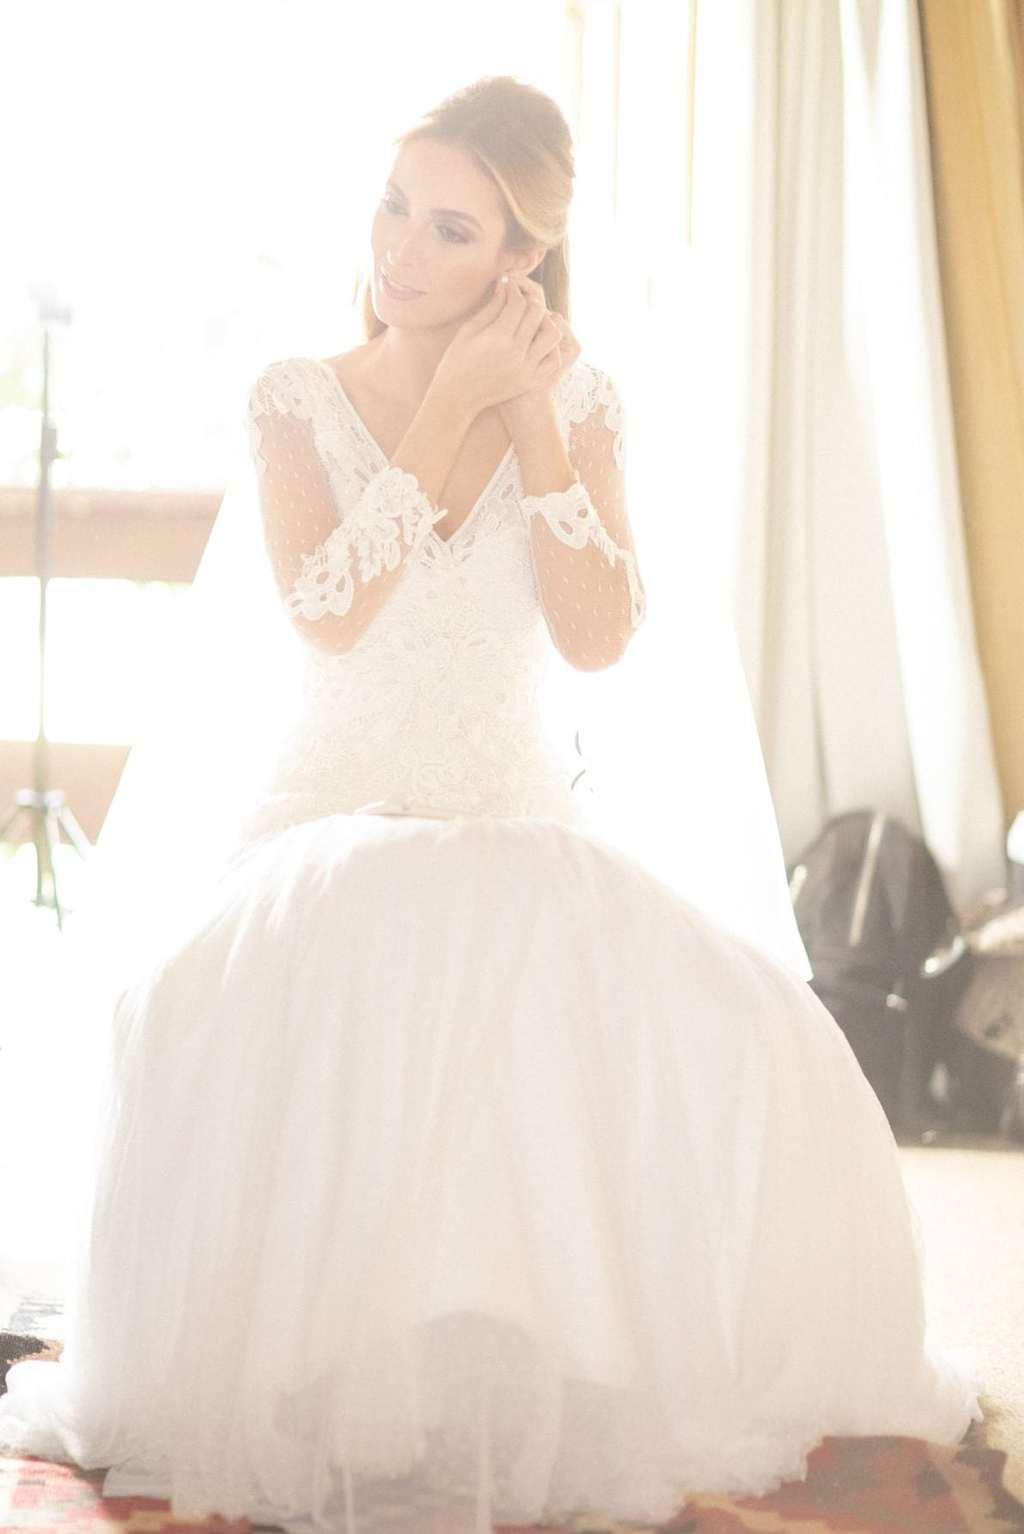 casamento-Camila-e-Diogo-casamento-na-fazenda-casamento-na-serra-casamento-romântico-destination-wedding-Fazenda-Santo-Antonio-Fotografia-Rodrigo-Sack-making-of-30-e1536935234204